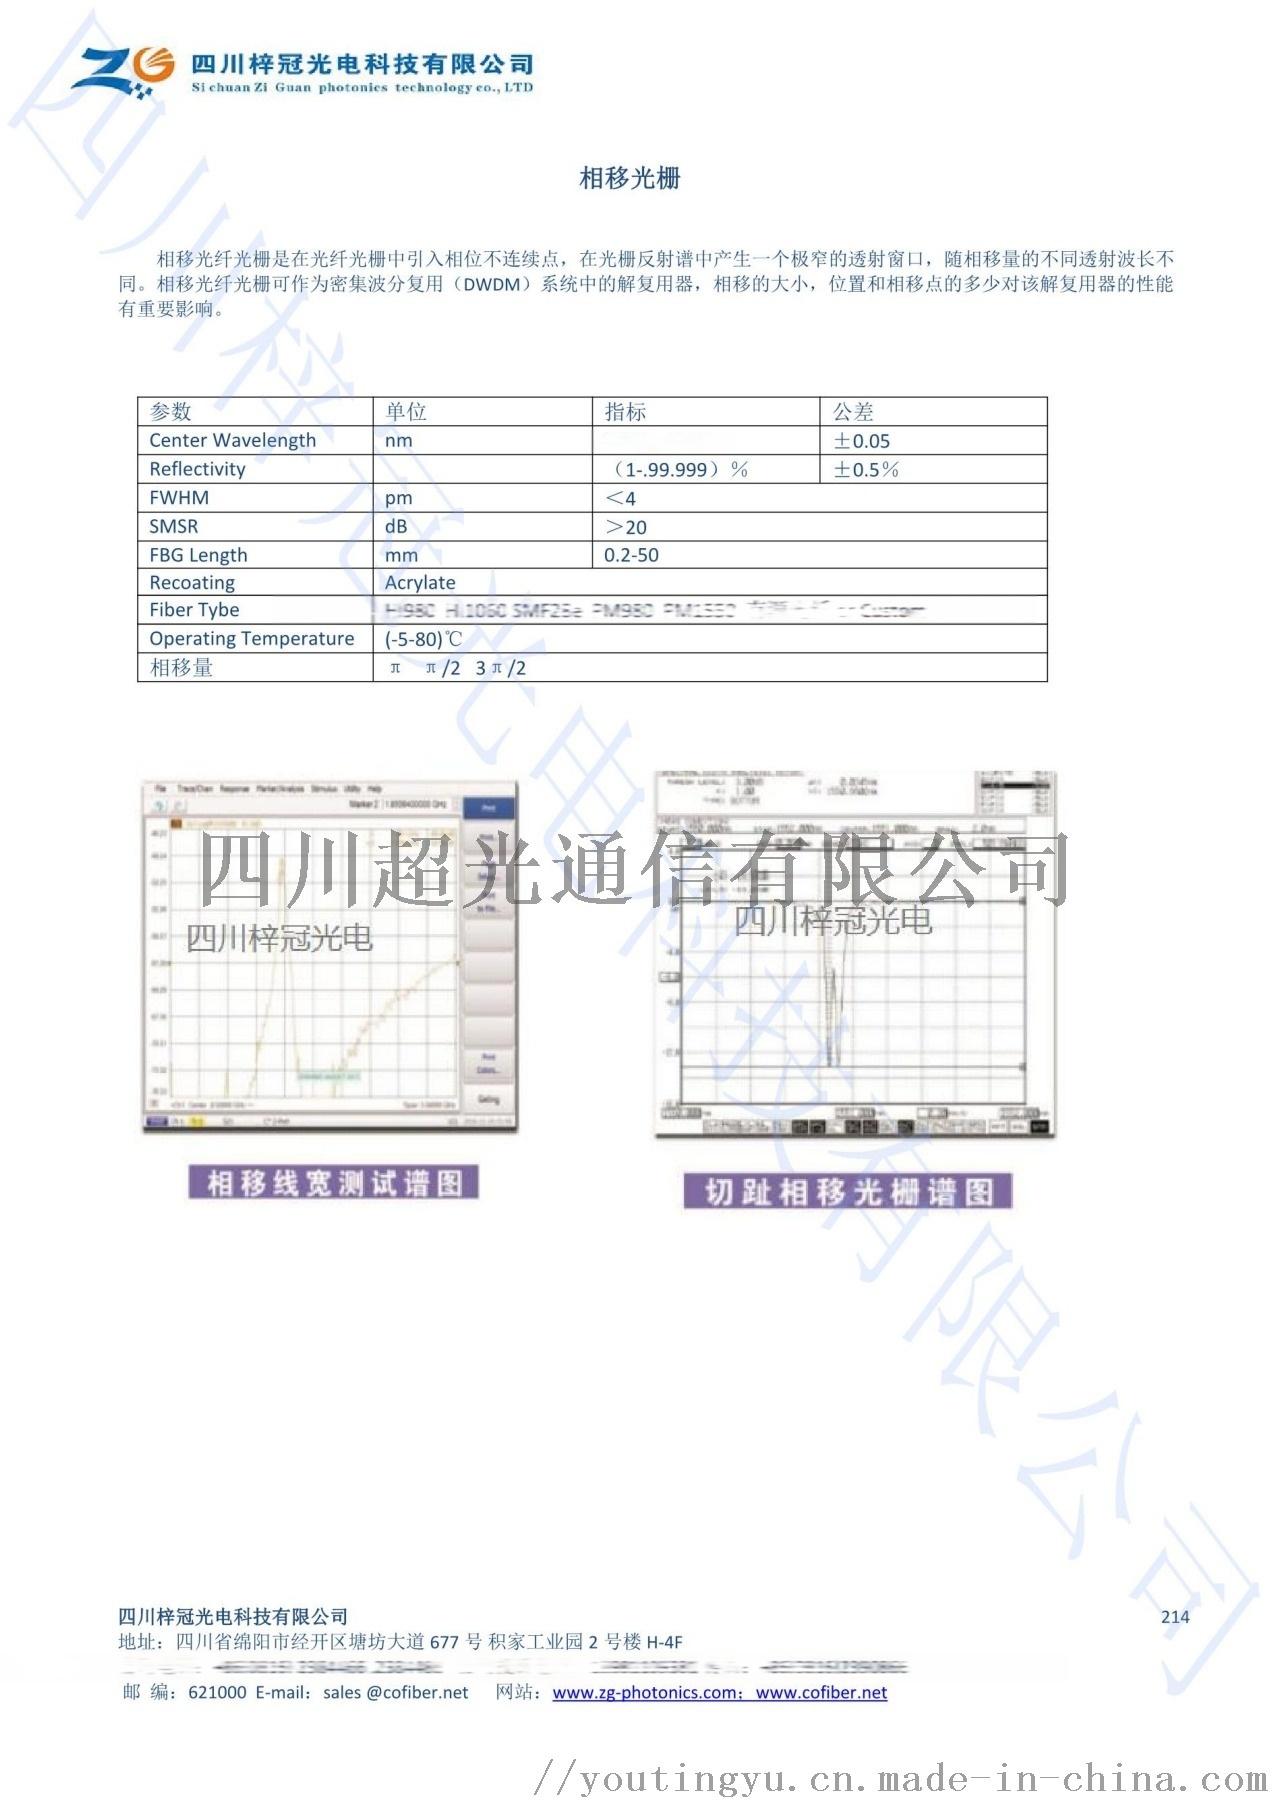 彩頁 (214).jpg